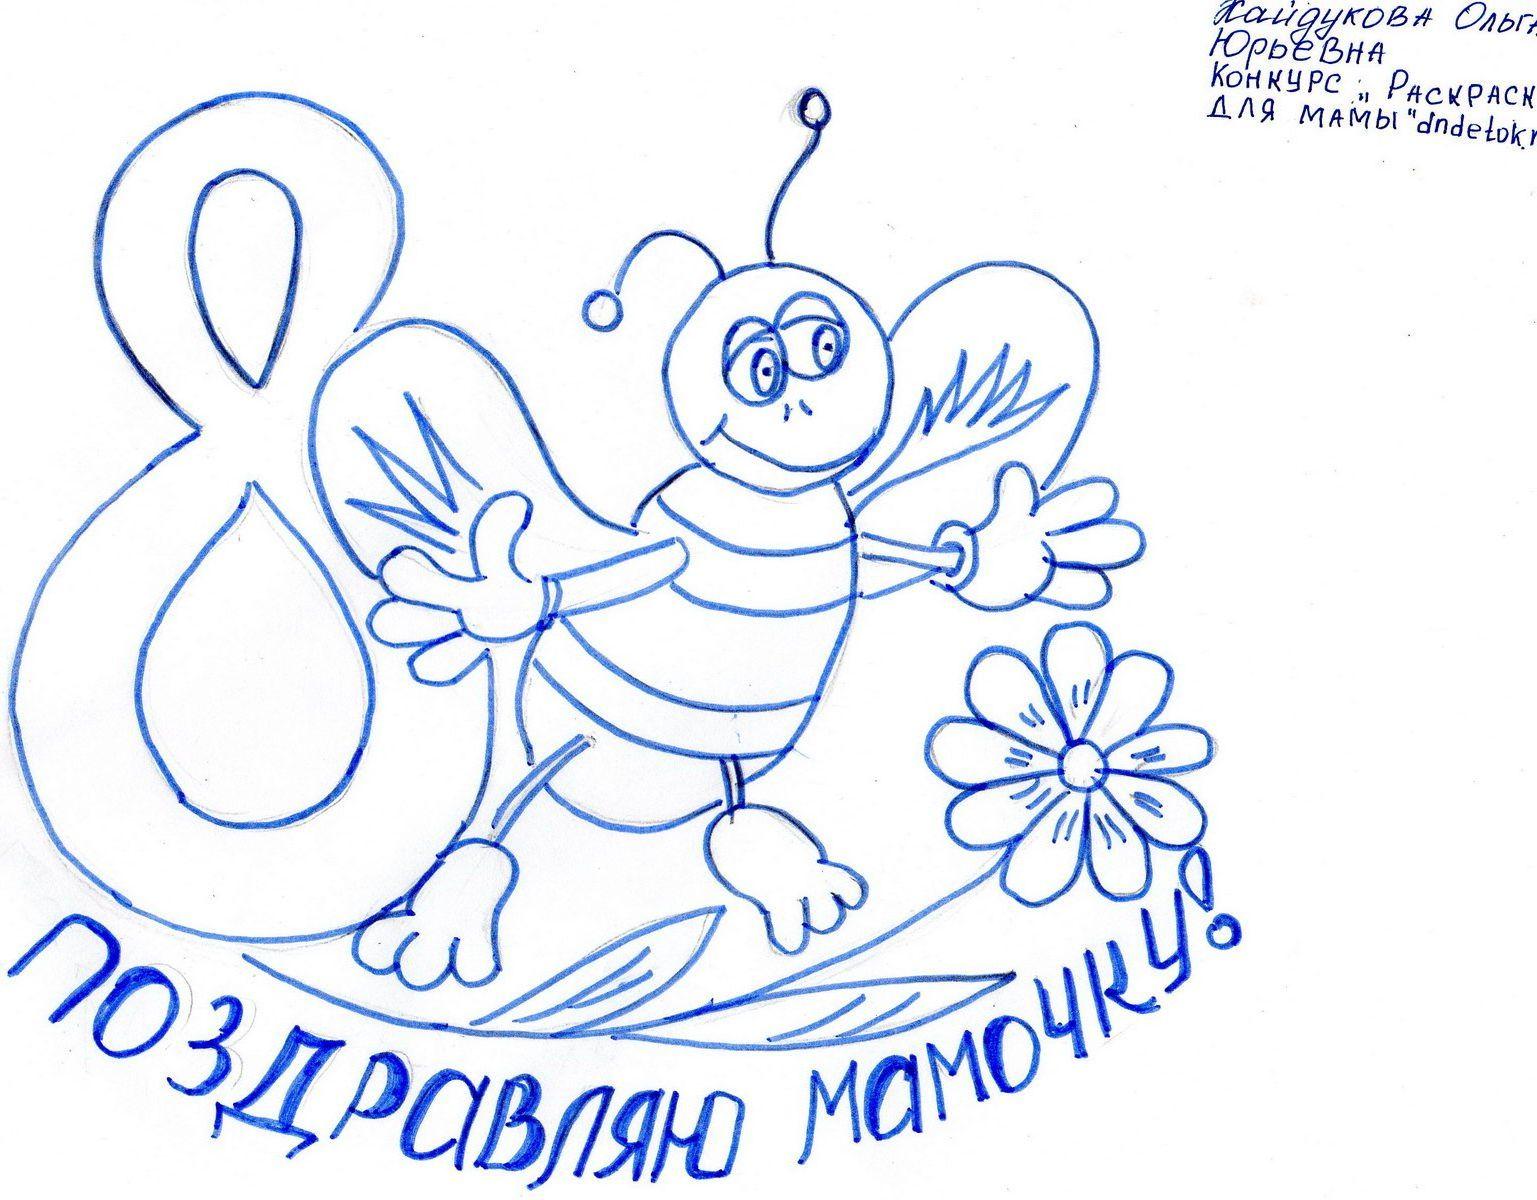 Веселые пчелки Подборка картинок Обсуждение на